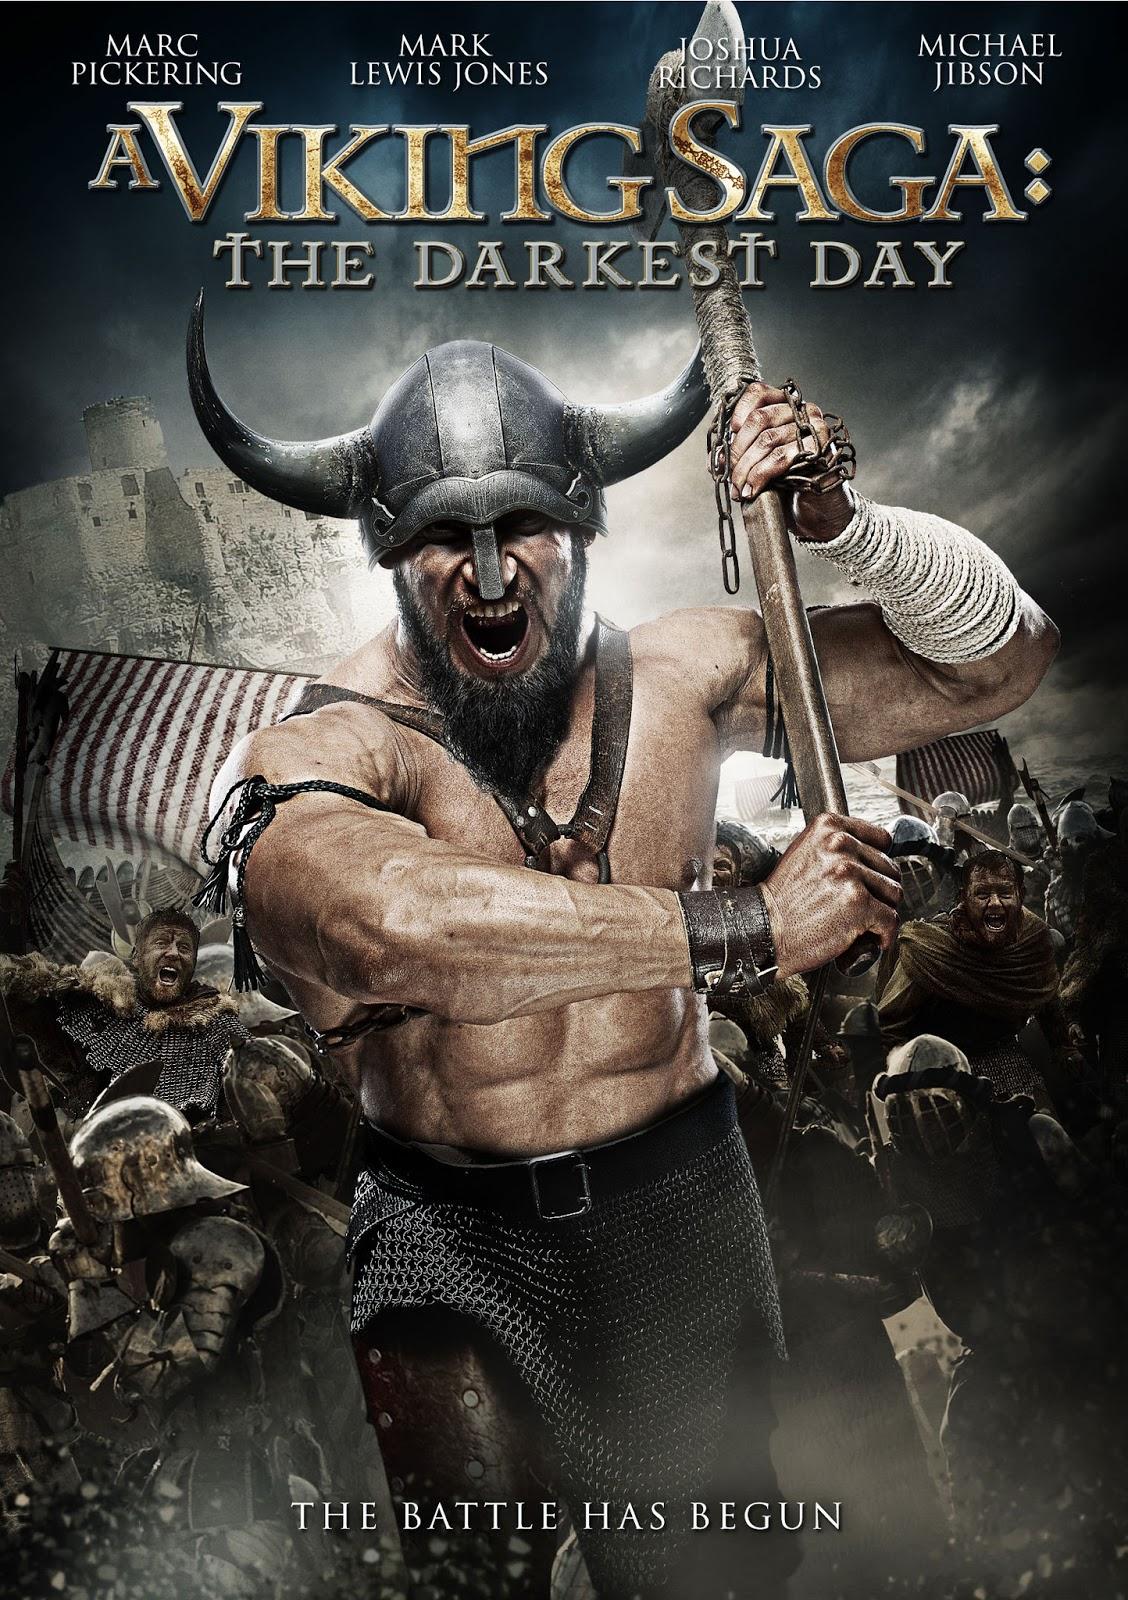 Viking Saga The Darkest Day (2013) DVDRip